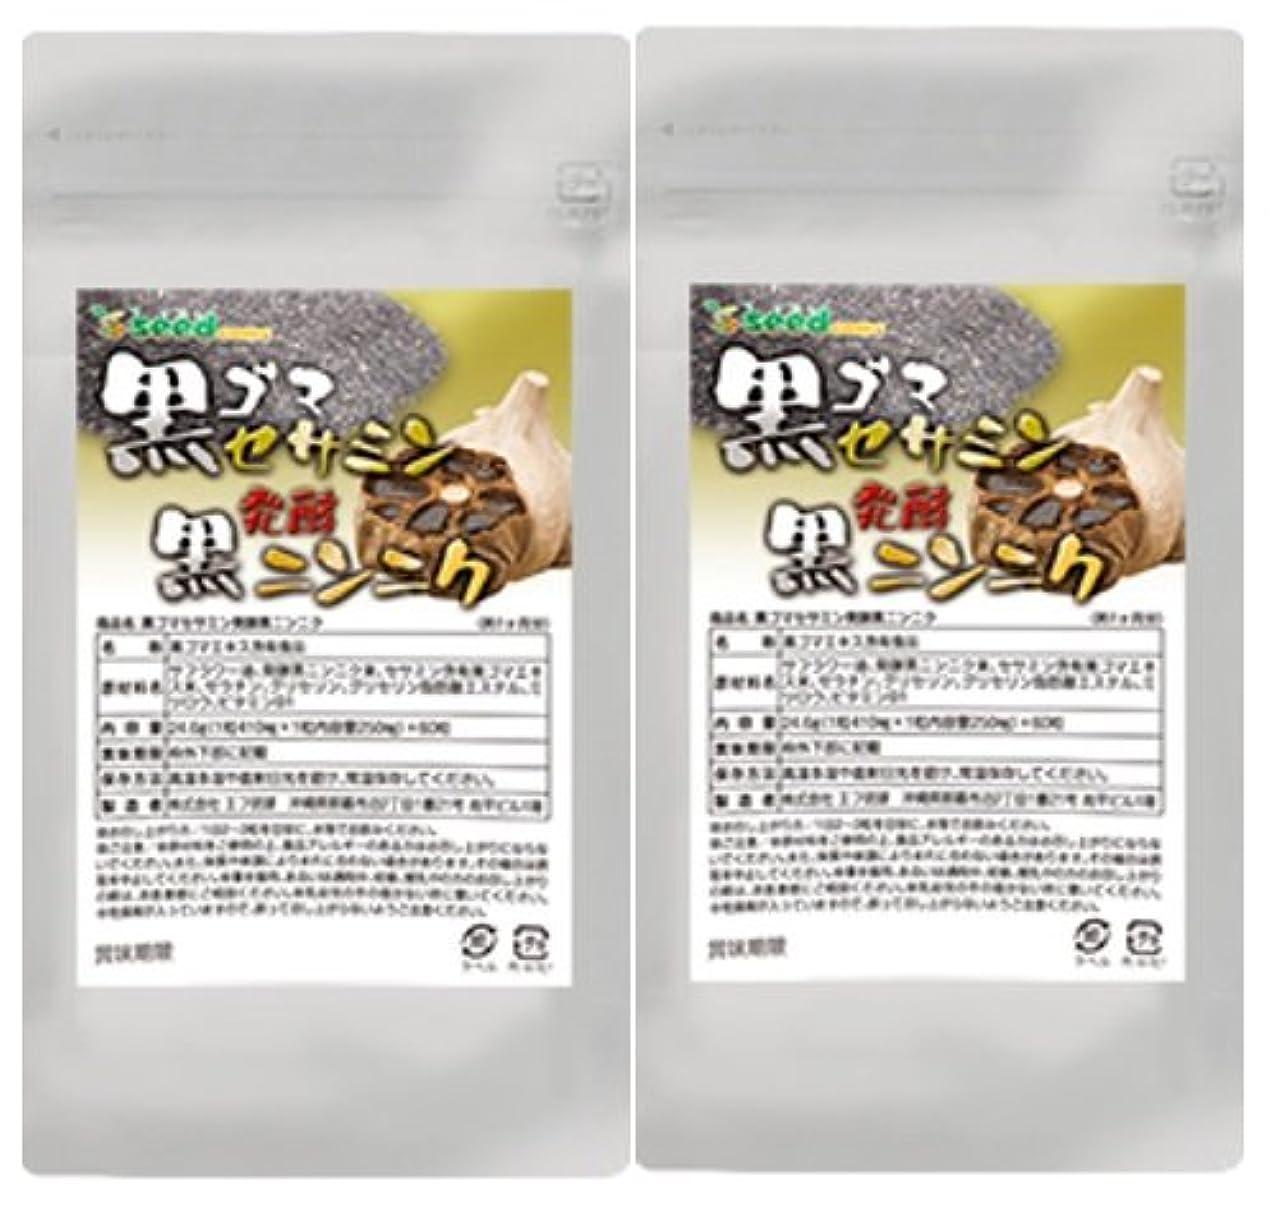 傾いた手当ウガンダシードコムス seedcoms 黒ゴマ セサミン 発酵 黒ニンニク S-アリルシステイン DATS 約6ヶ月分 360粒